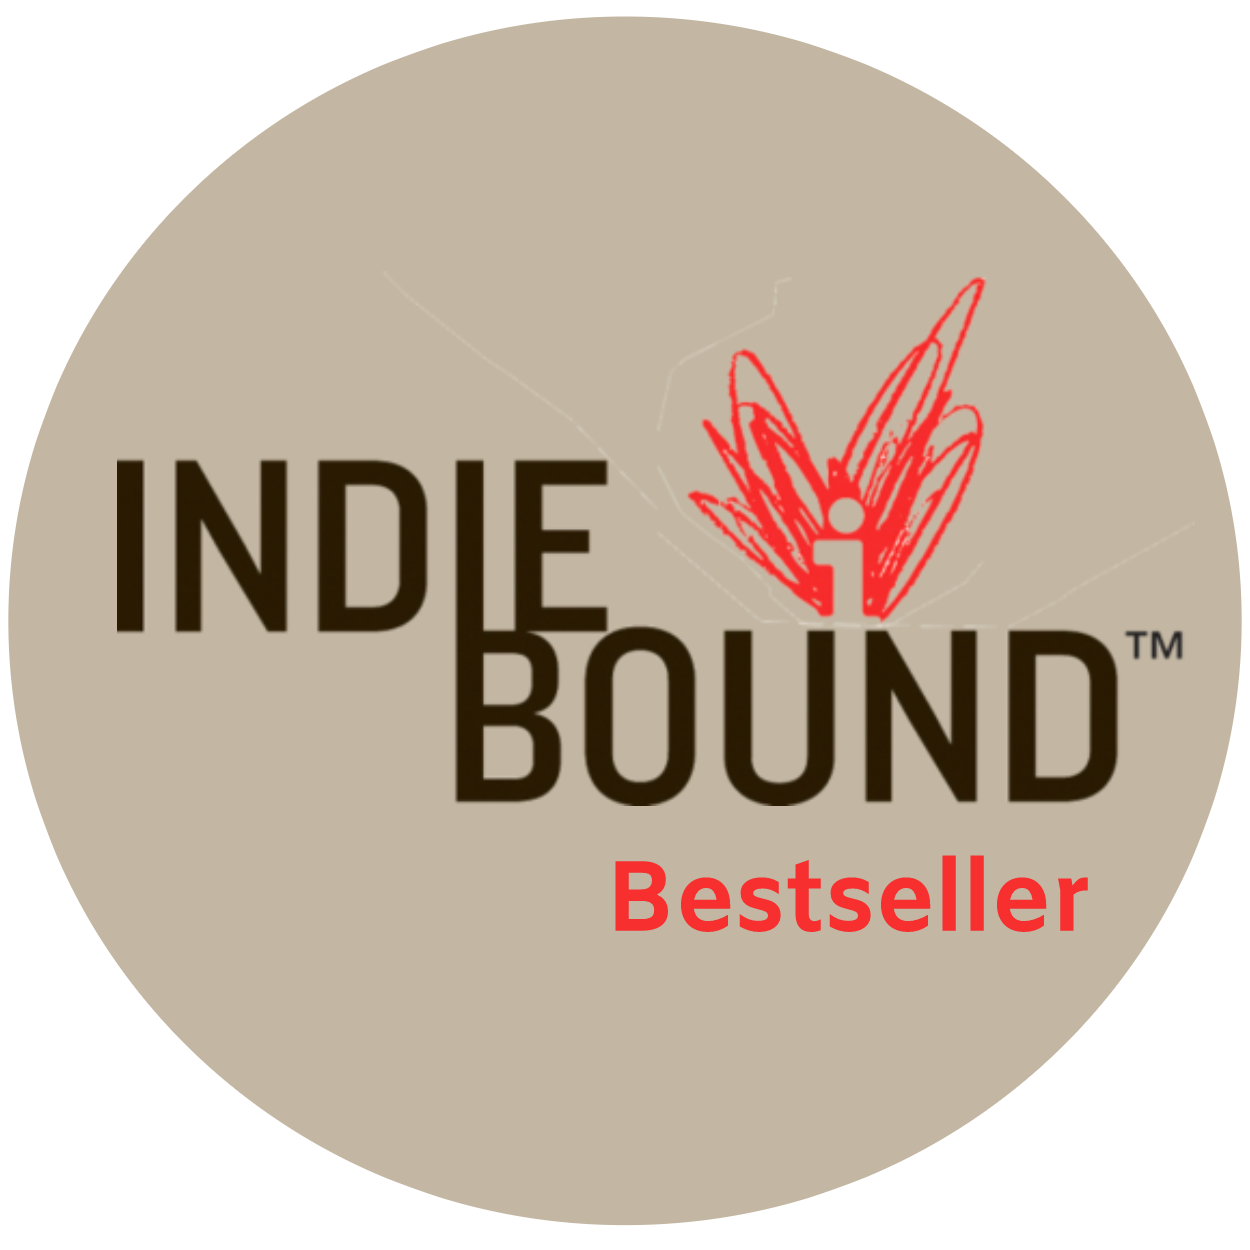 Indie Bestseller.png